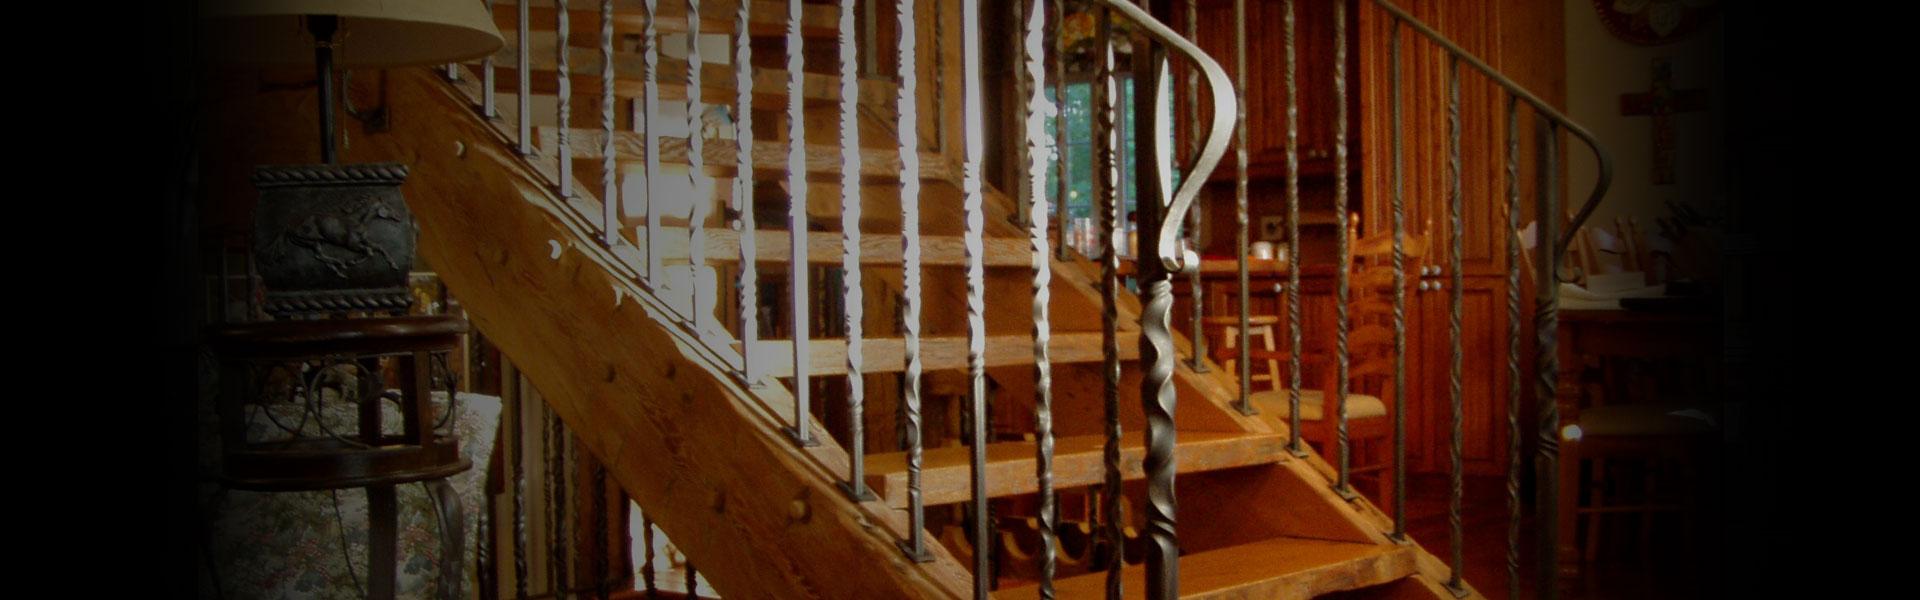 Our unique railings